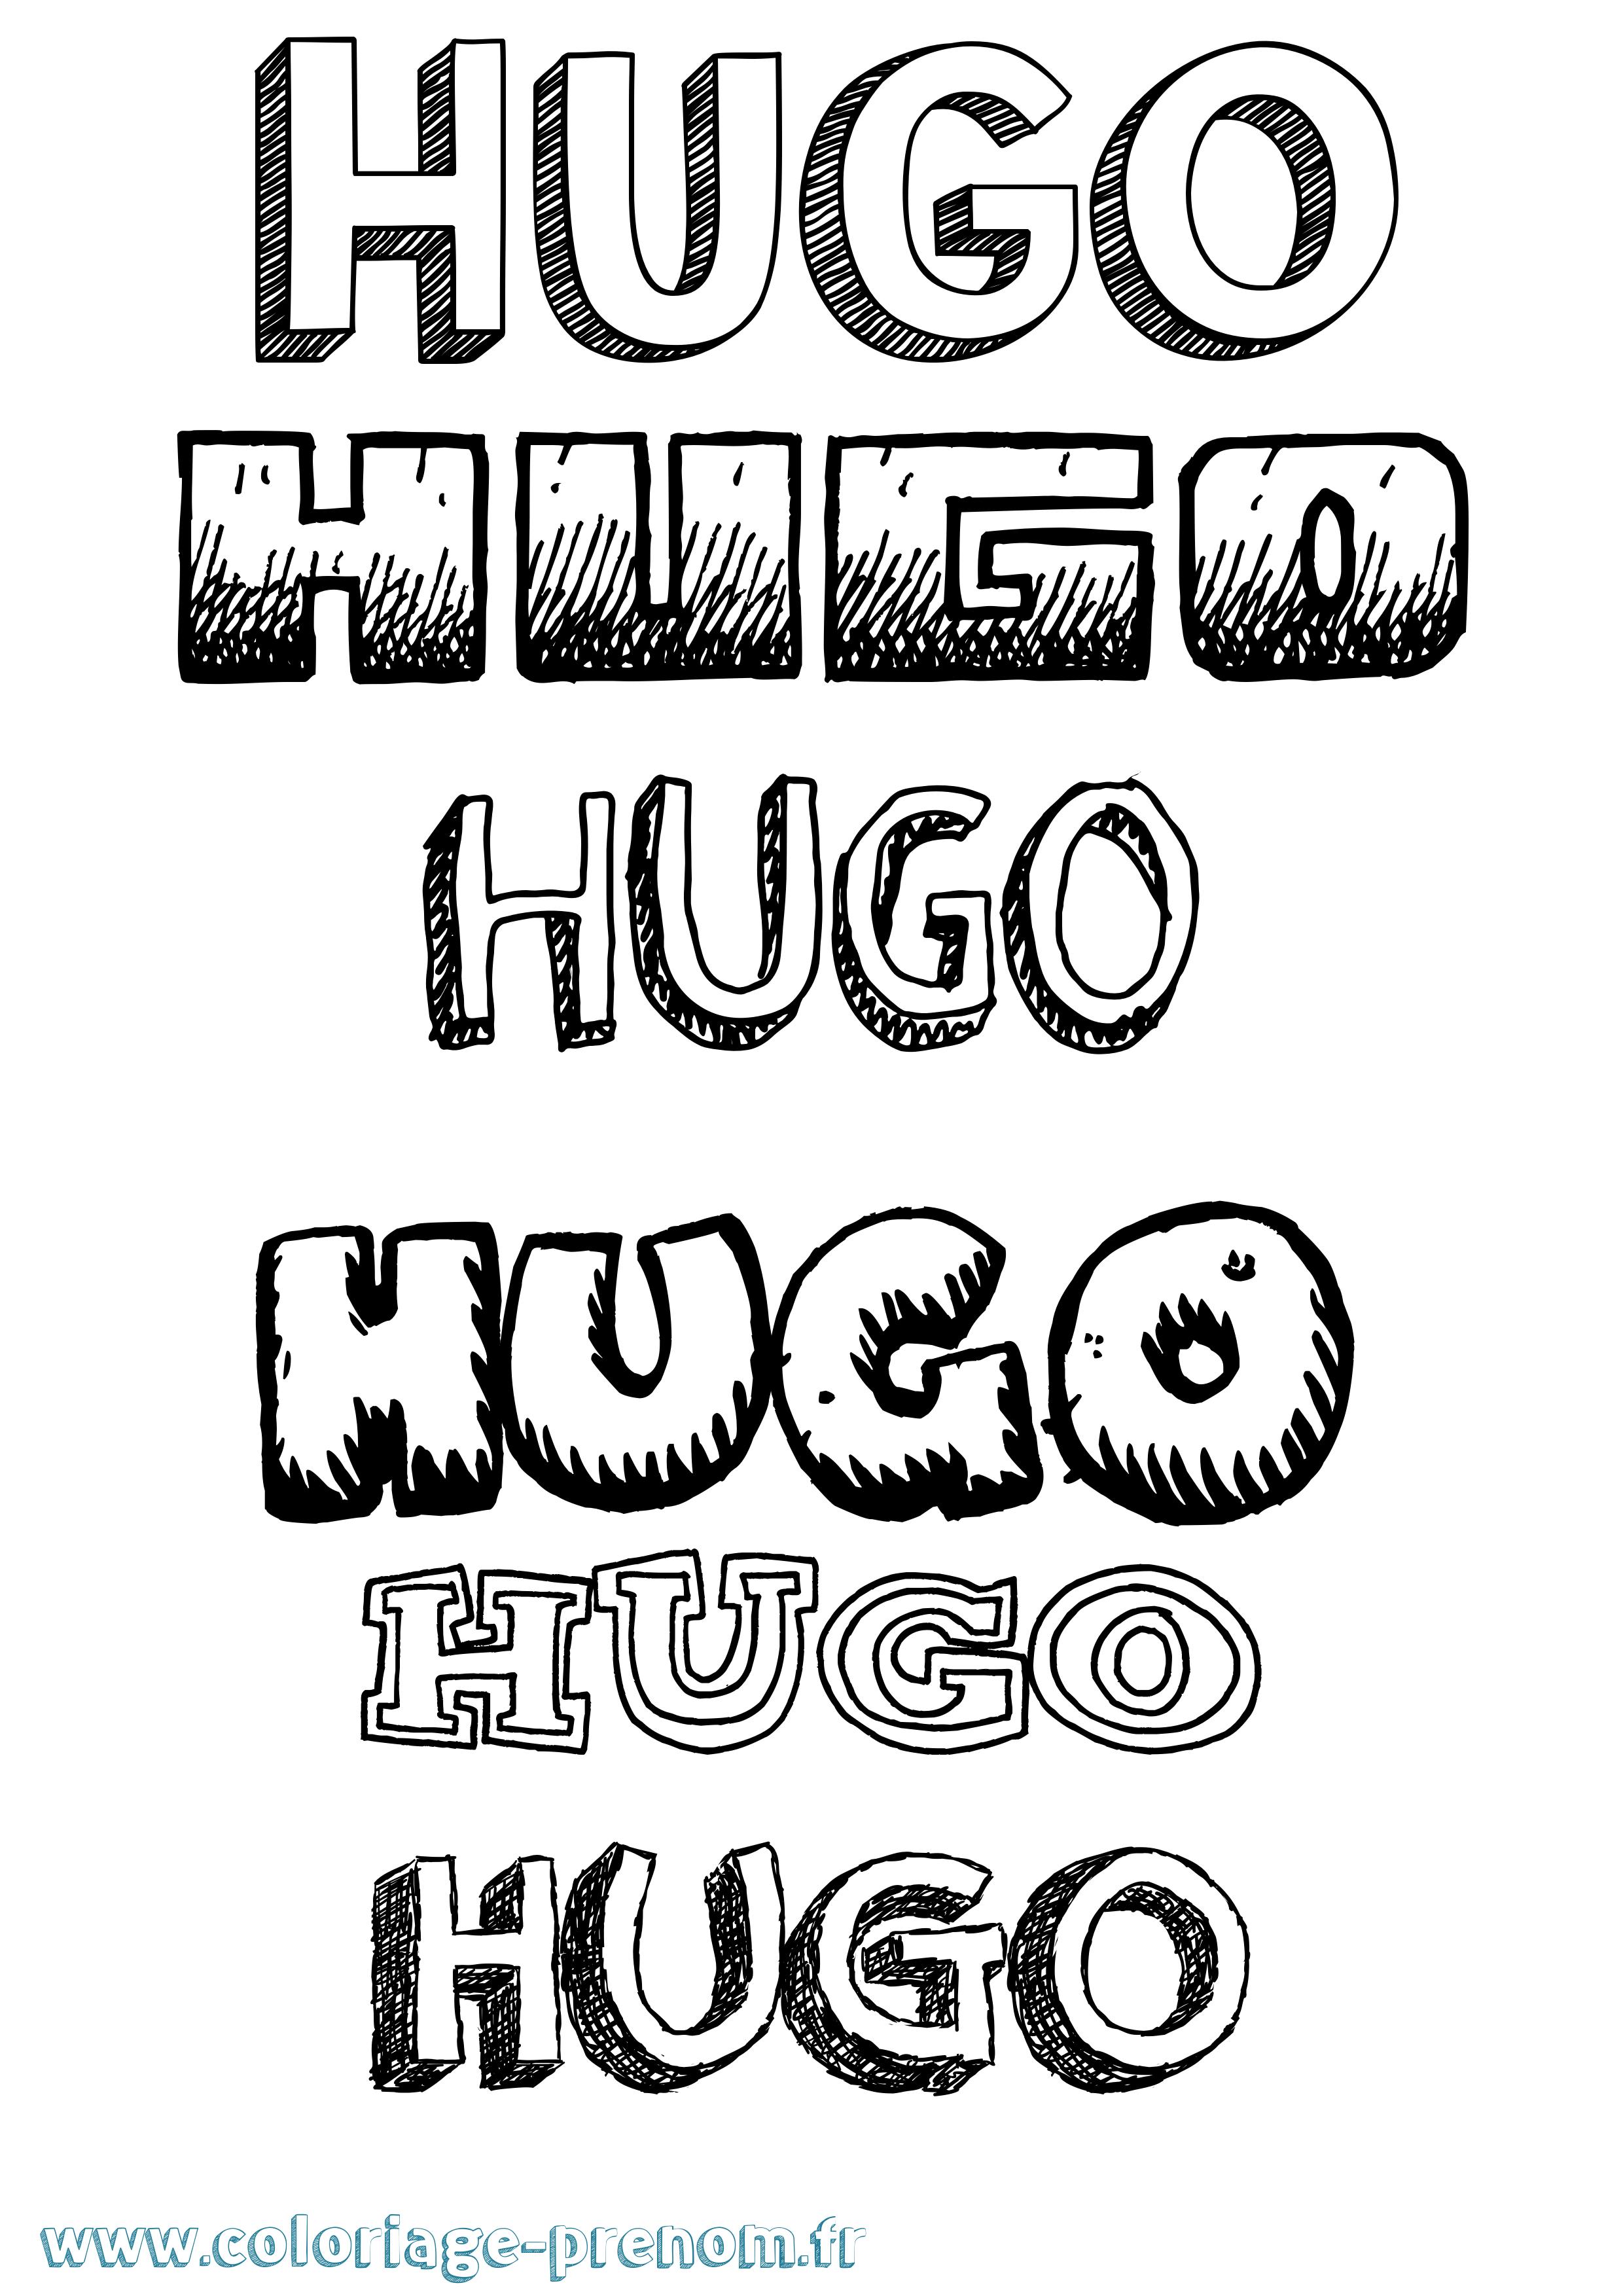 Coloriage du pr nom hugo imprimer ou t l charger facilement - Coloriage hugo ...